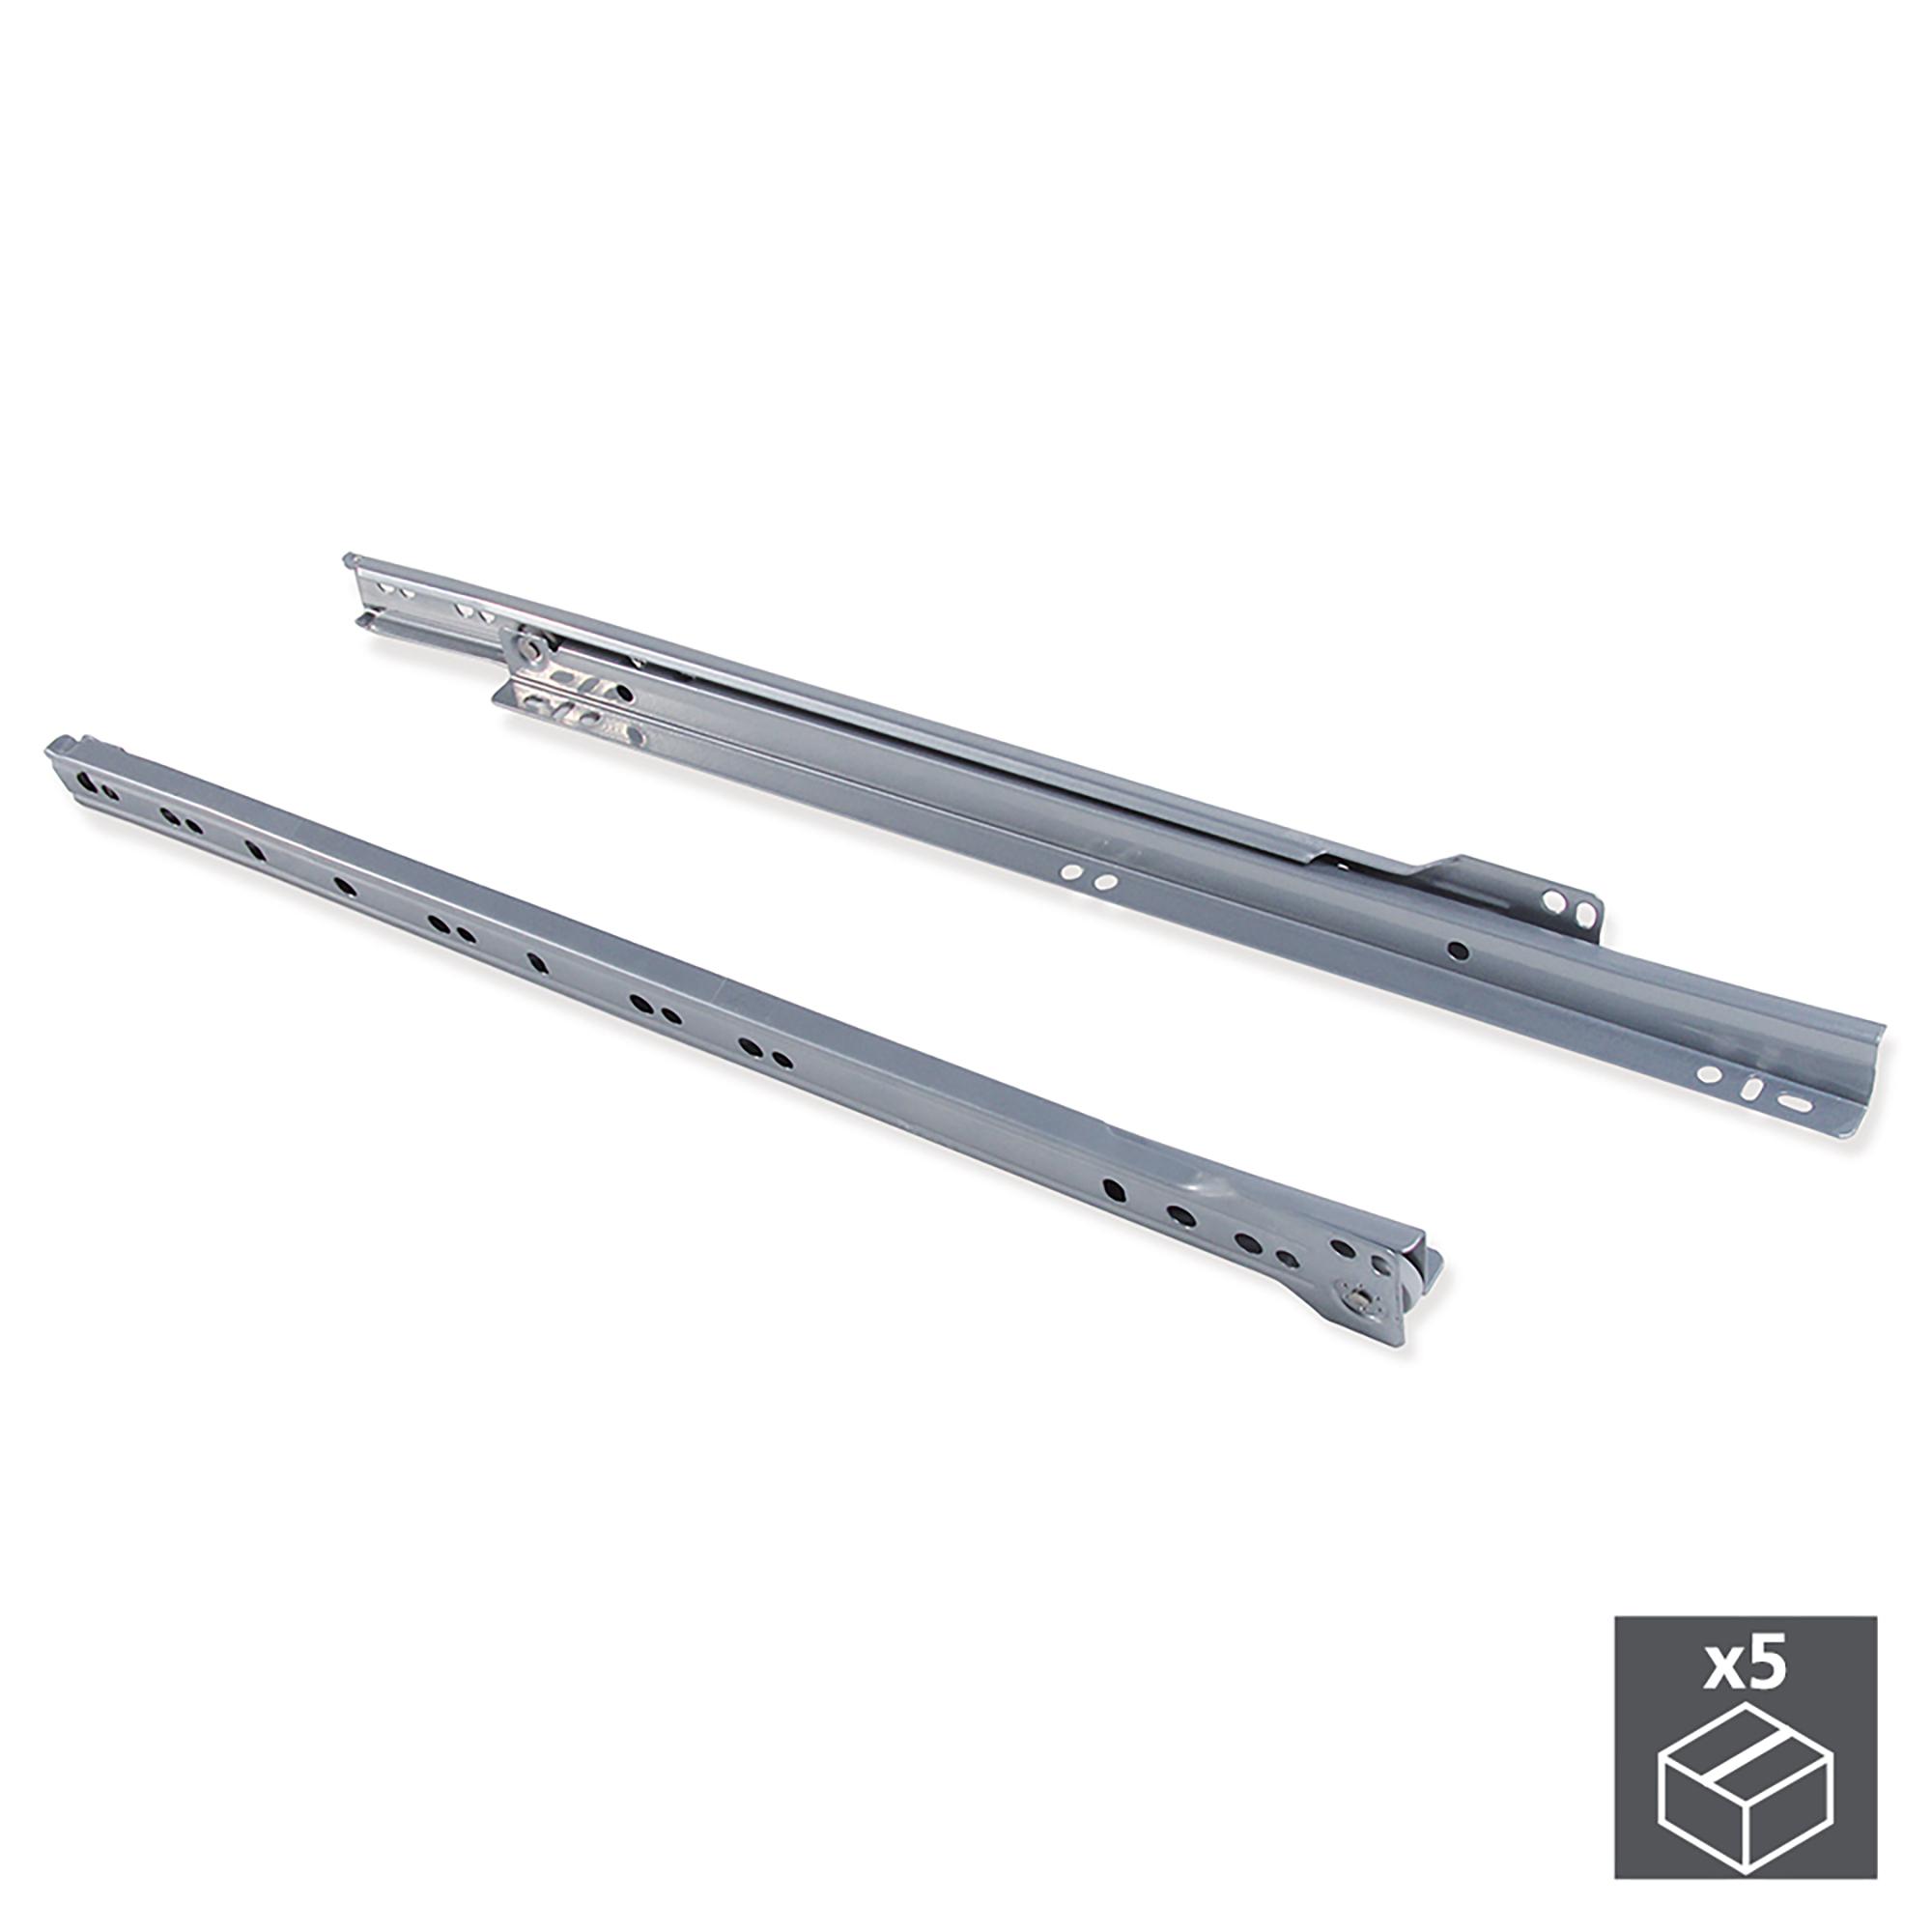 Emuca Kit Guide a rotella per cassetti, chiusura con caduta, 300 mm, a estrazione parziale, Grigio metallizzato, 5 u.